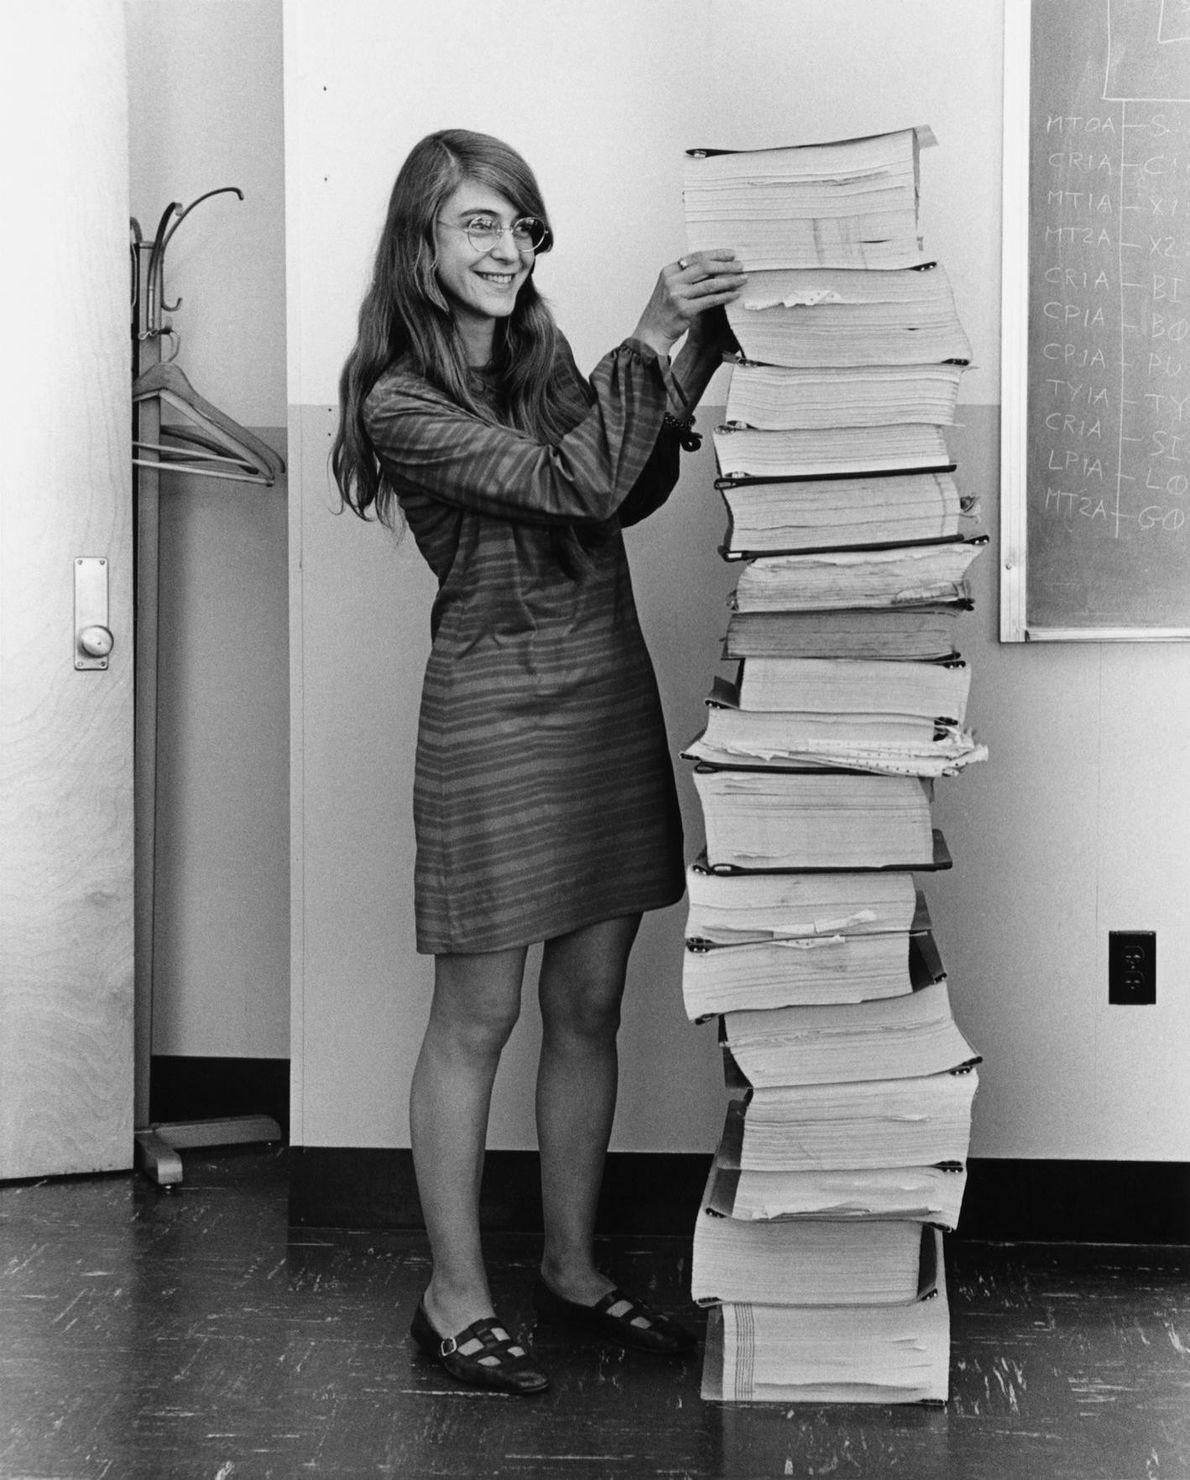 Margaret Heafield Hamilton, geboren am 17. August 1936, leistete zahlreiche bedeutende Beiträge zur Wissenschaft. Unter anderem ...